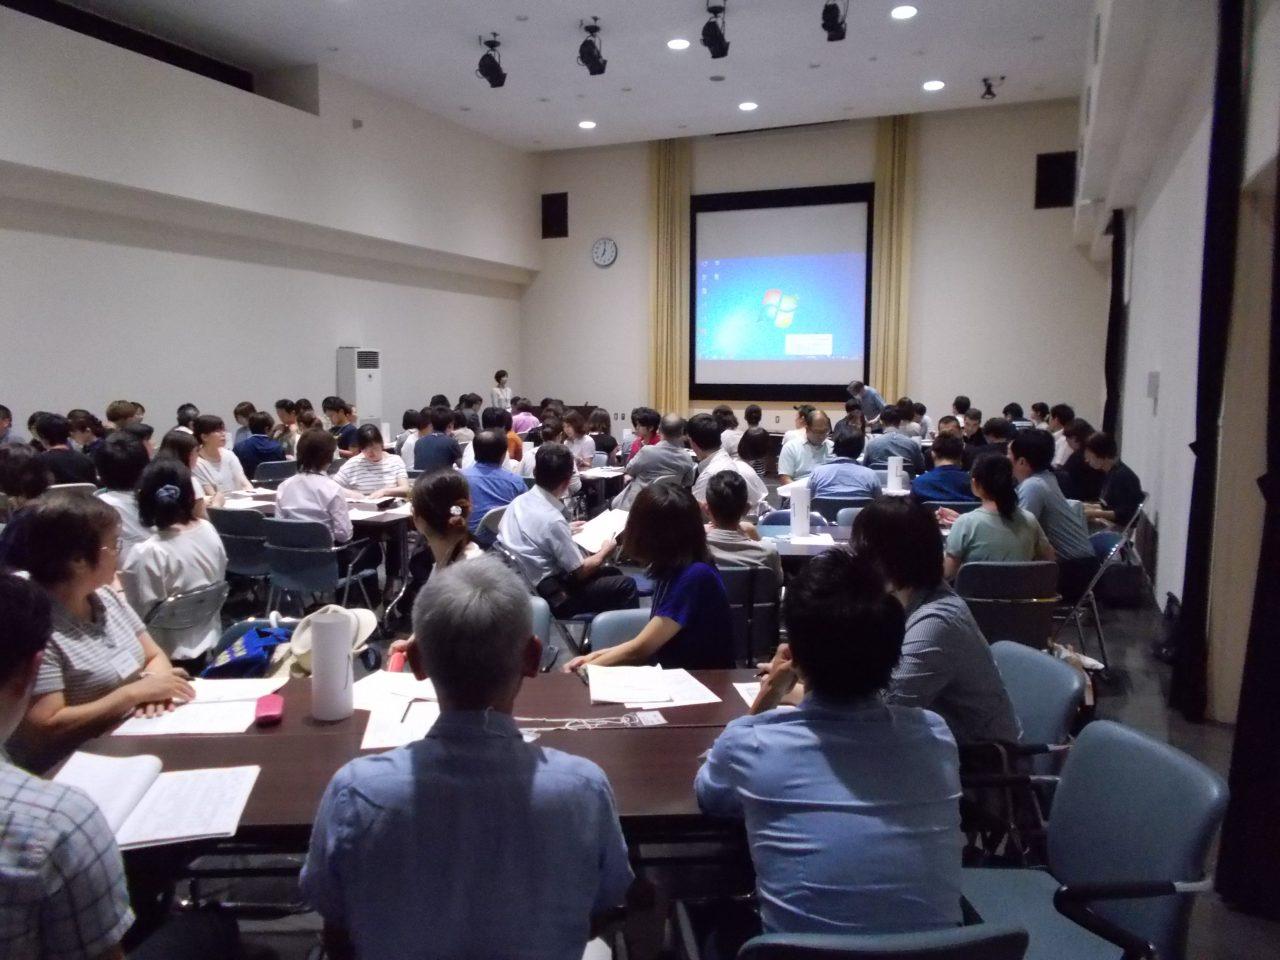 【若松】第2回 多職種連携研修会